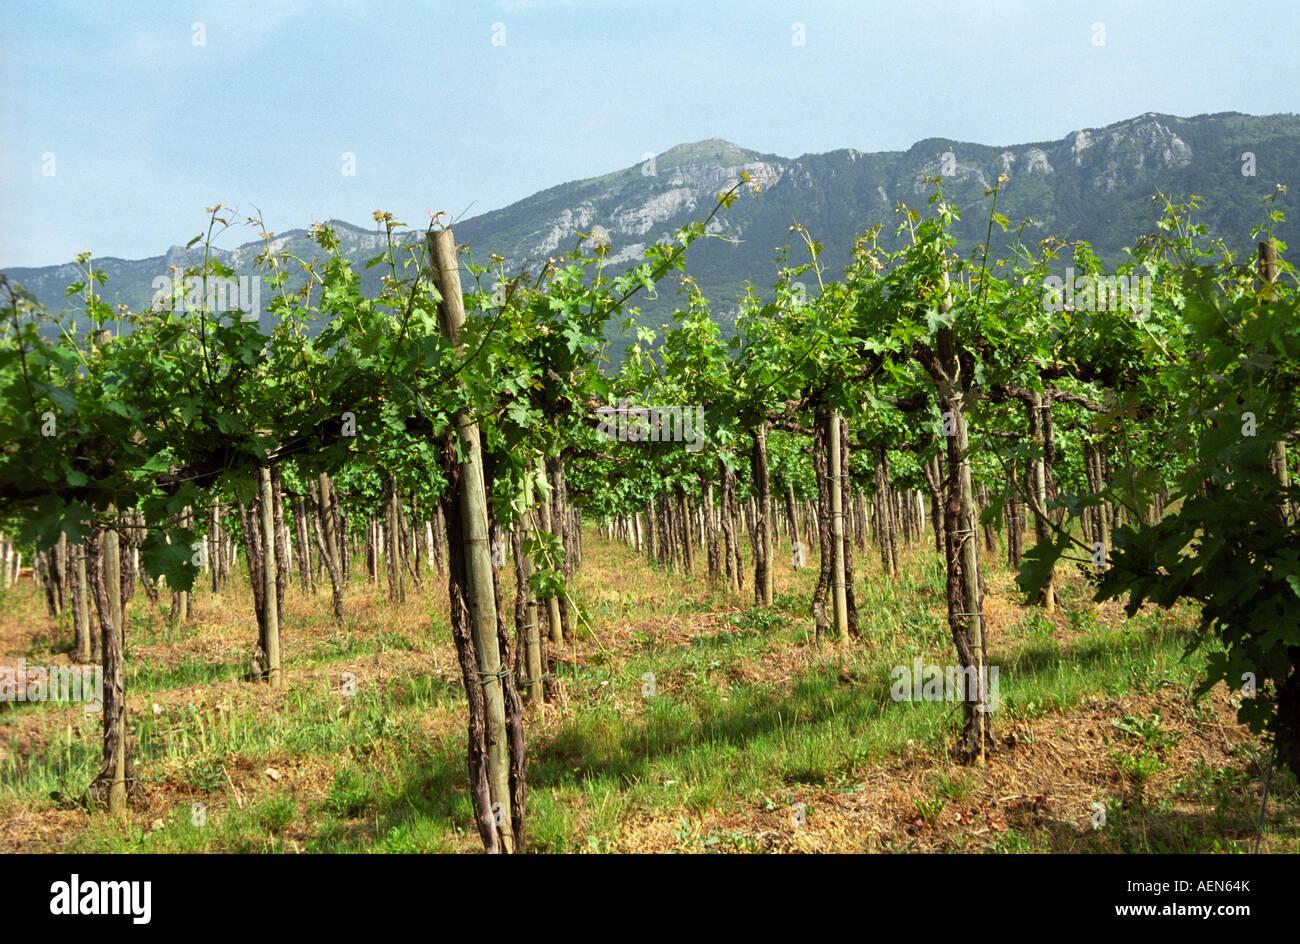 Il Pinot Noir Vigne A Tilia Cantina Nel Villaggio Di Kukanje Valle Del Vipava Regione Vinicola Litorale Slovenia